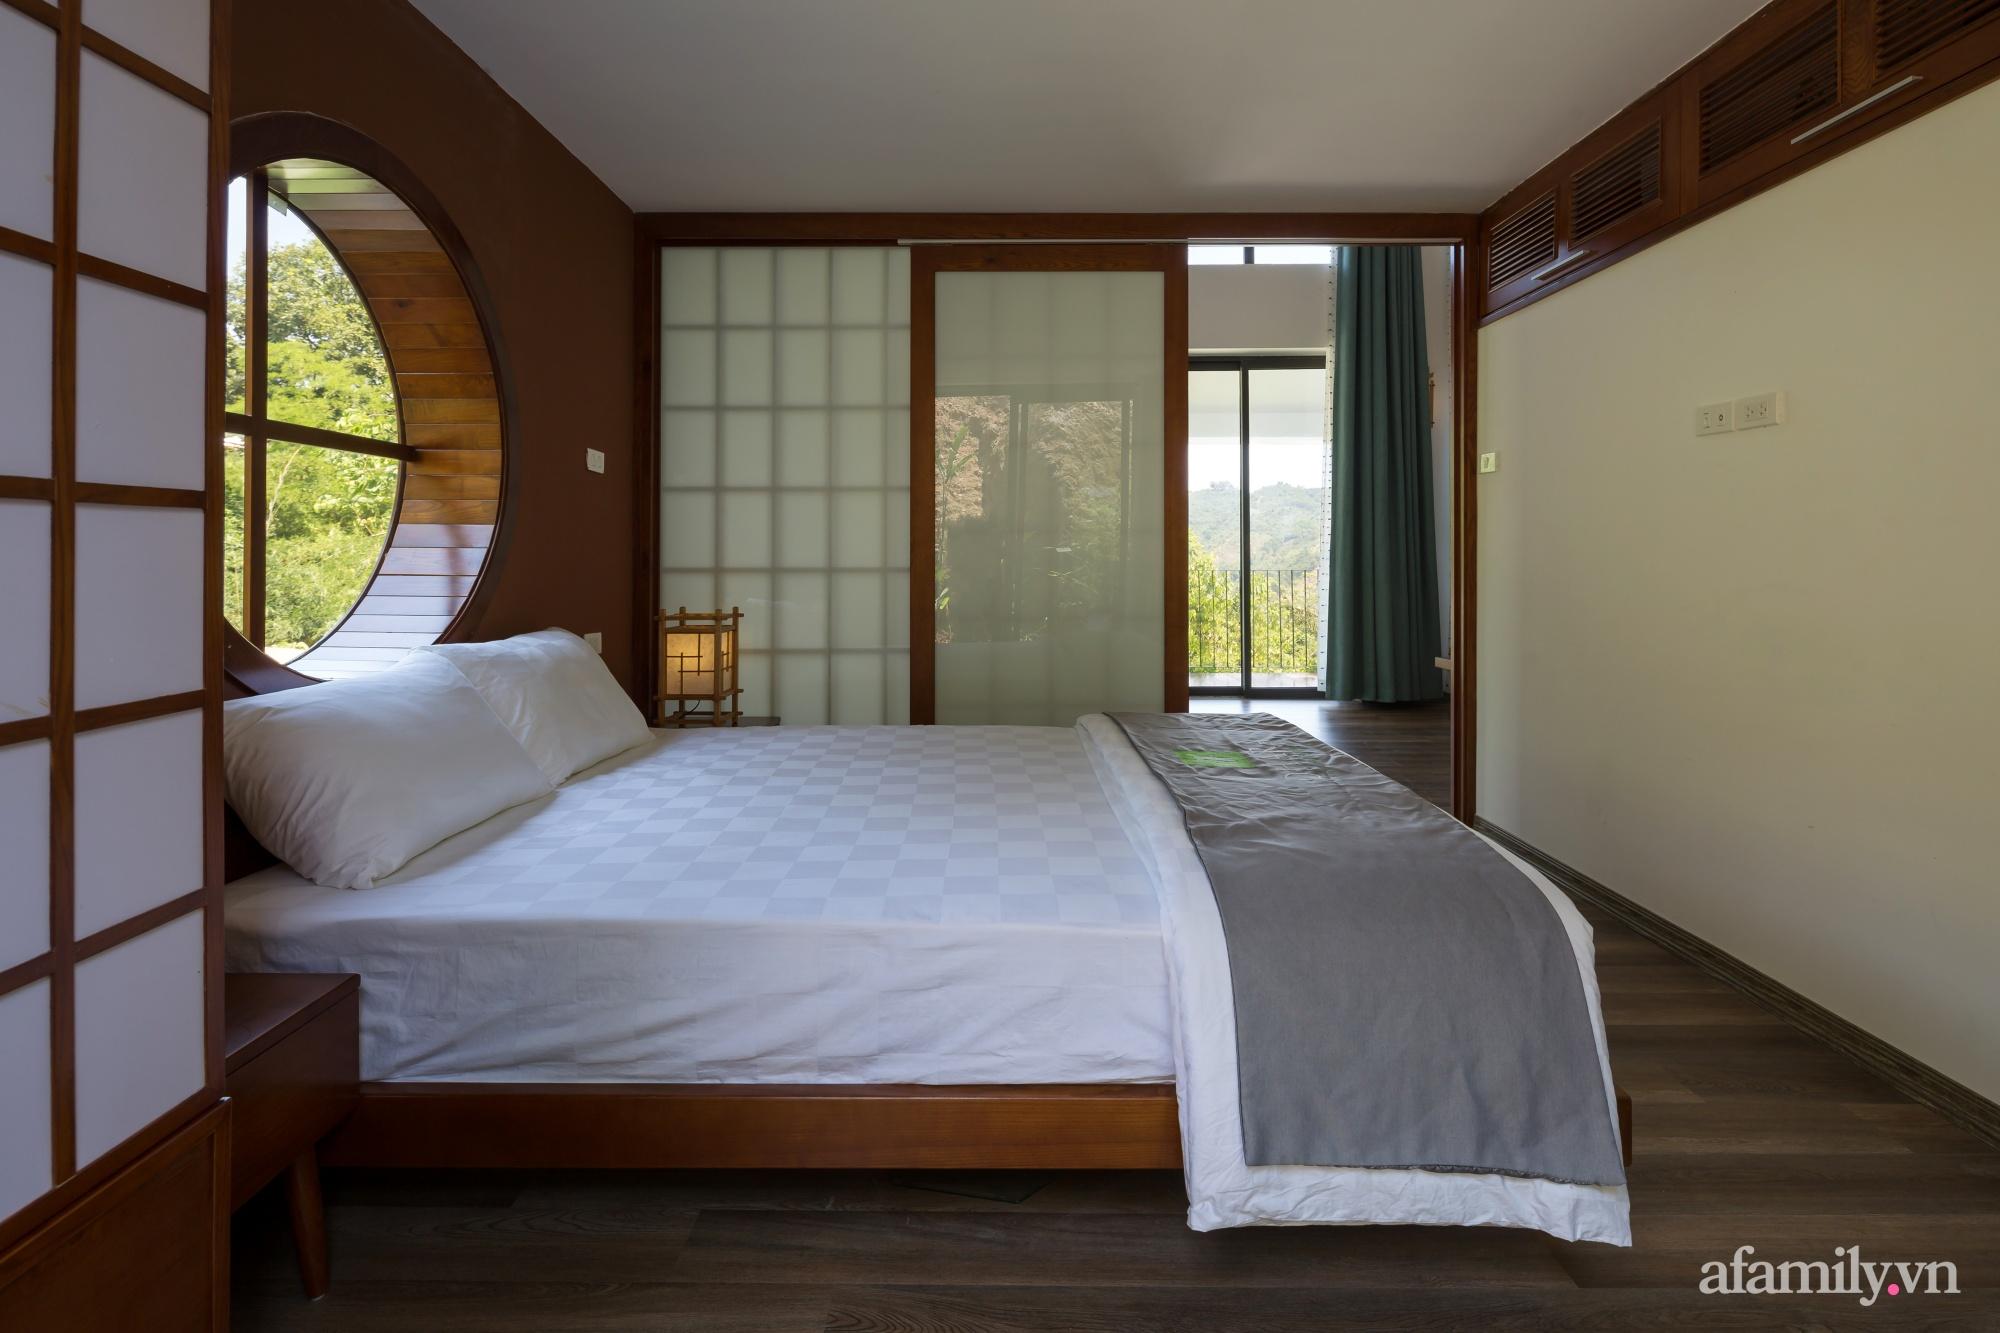 Nhà trên đồi lộng gió thoáng rộng thảnh thơi đón nắng ngập tràn ở Kỳ Sơn, Hòa Bình - Ảnh 14.